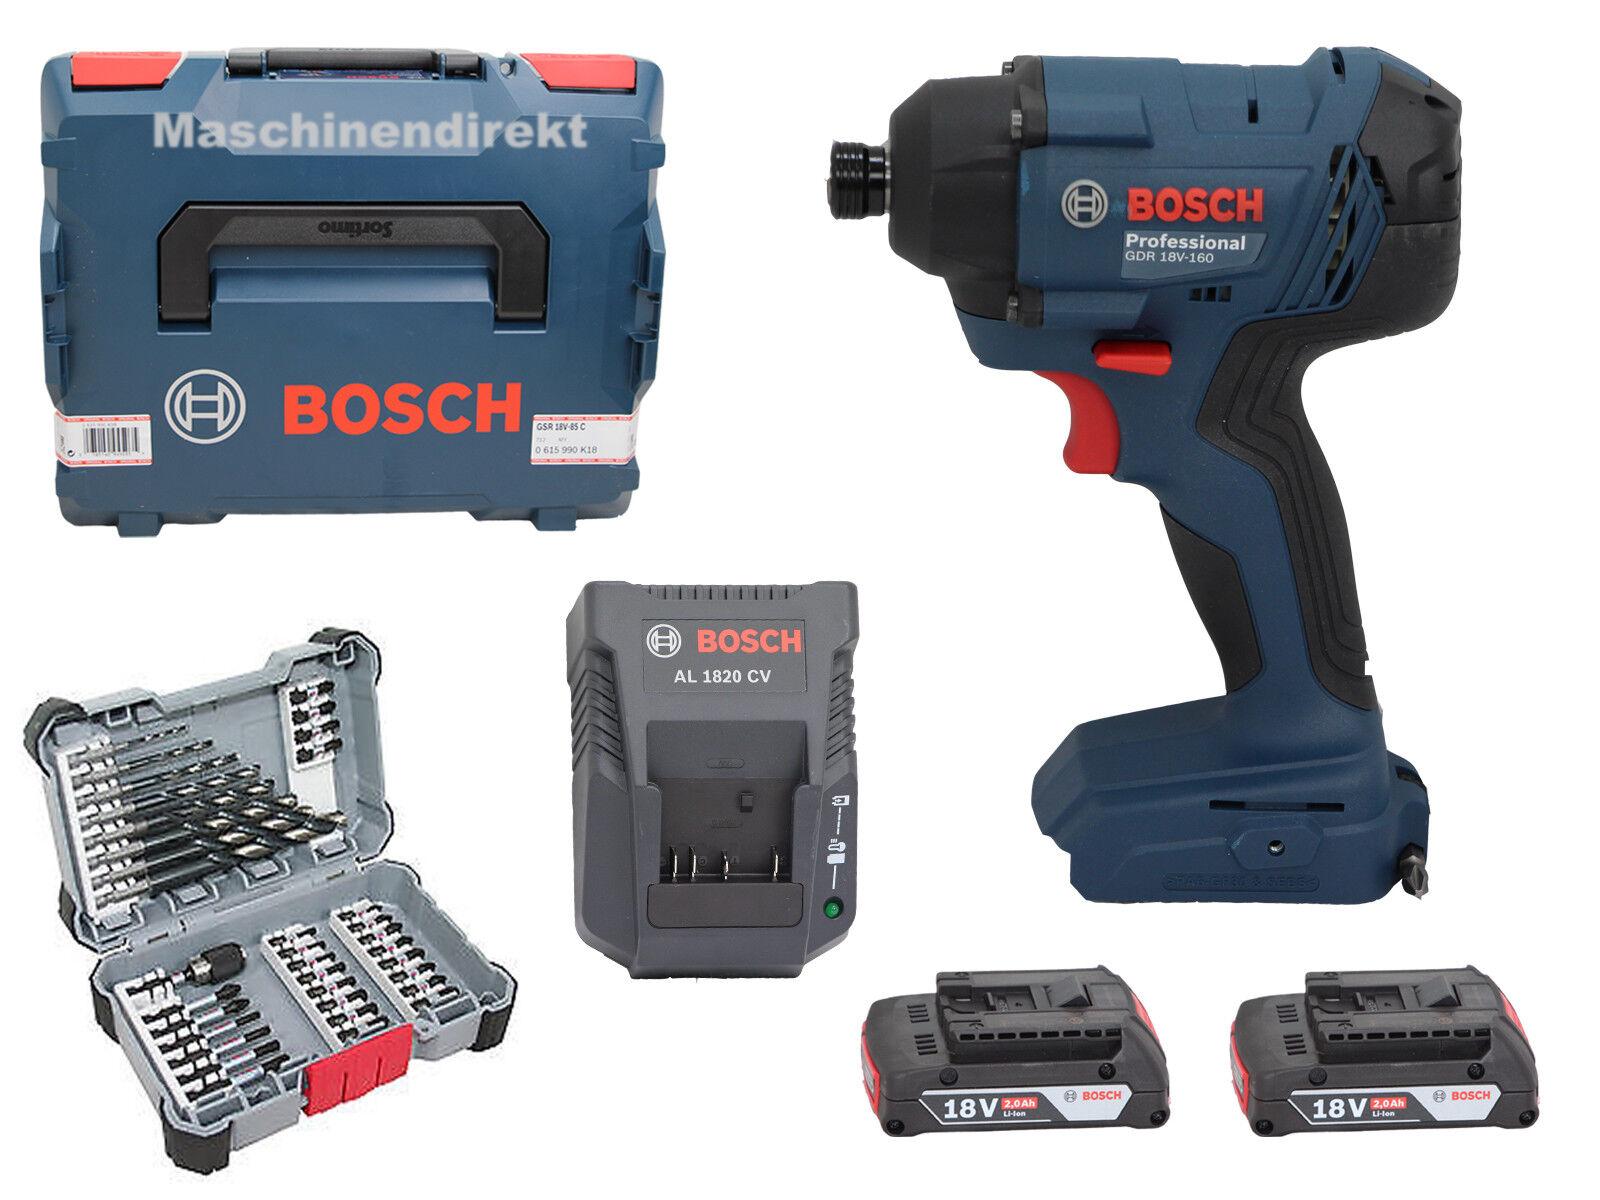 Bosch Akku Drehschlagschrauber GDR18V-160 + Schrauberbitset 35tlg 2 608 577 148